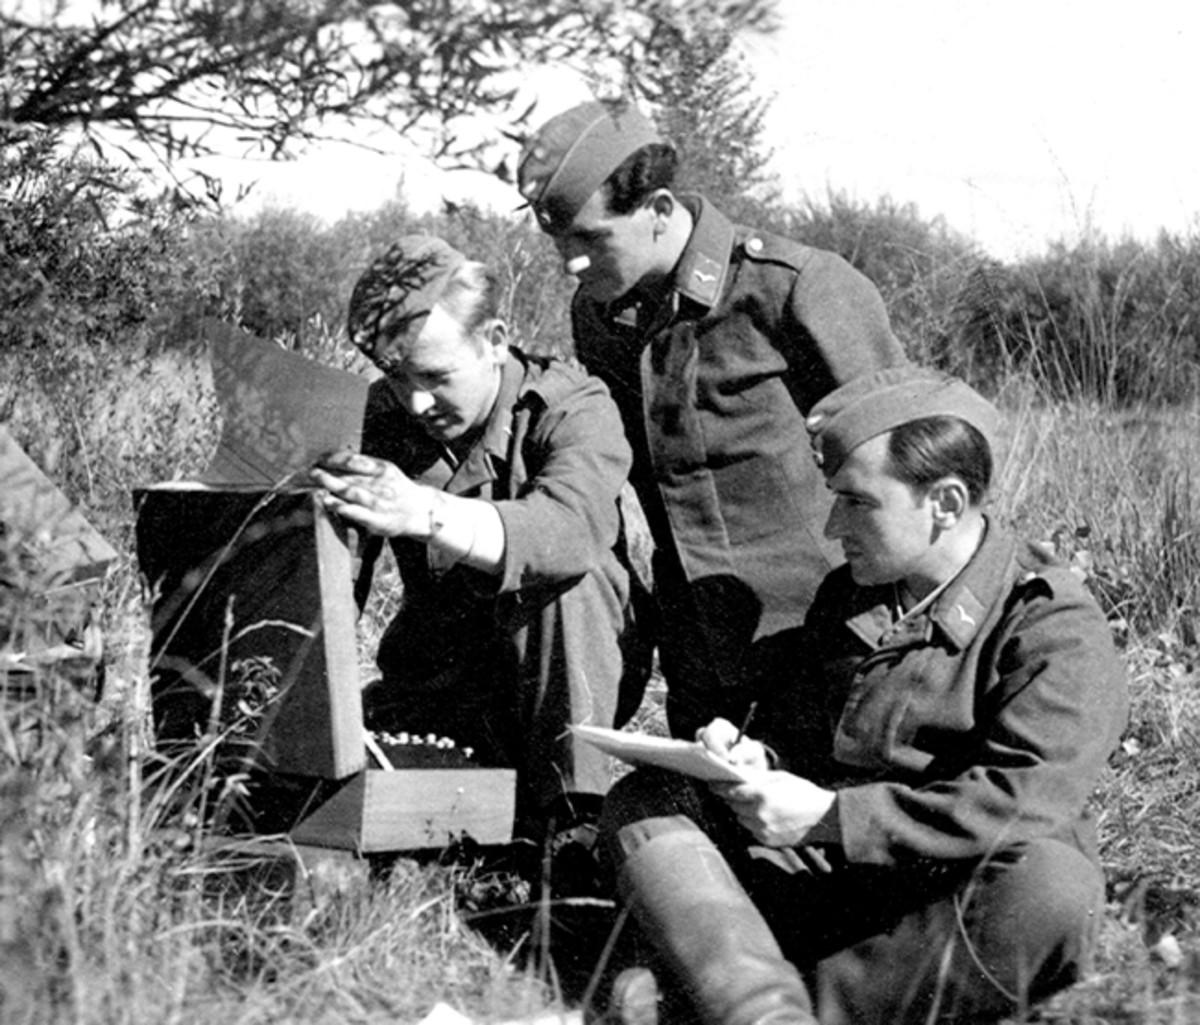 Enigma in Gebruik - Photo -The War Museum Overloon